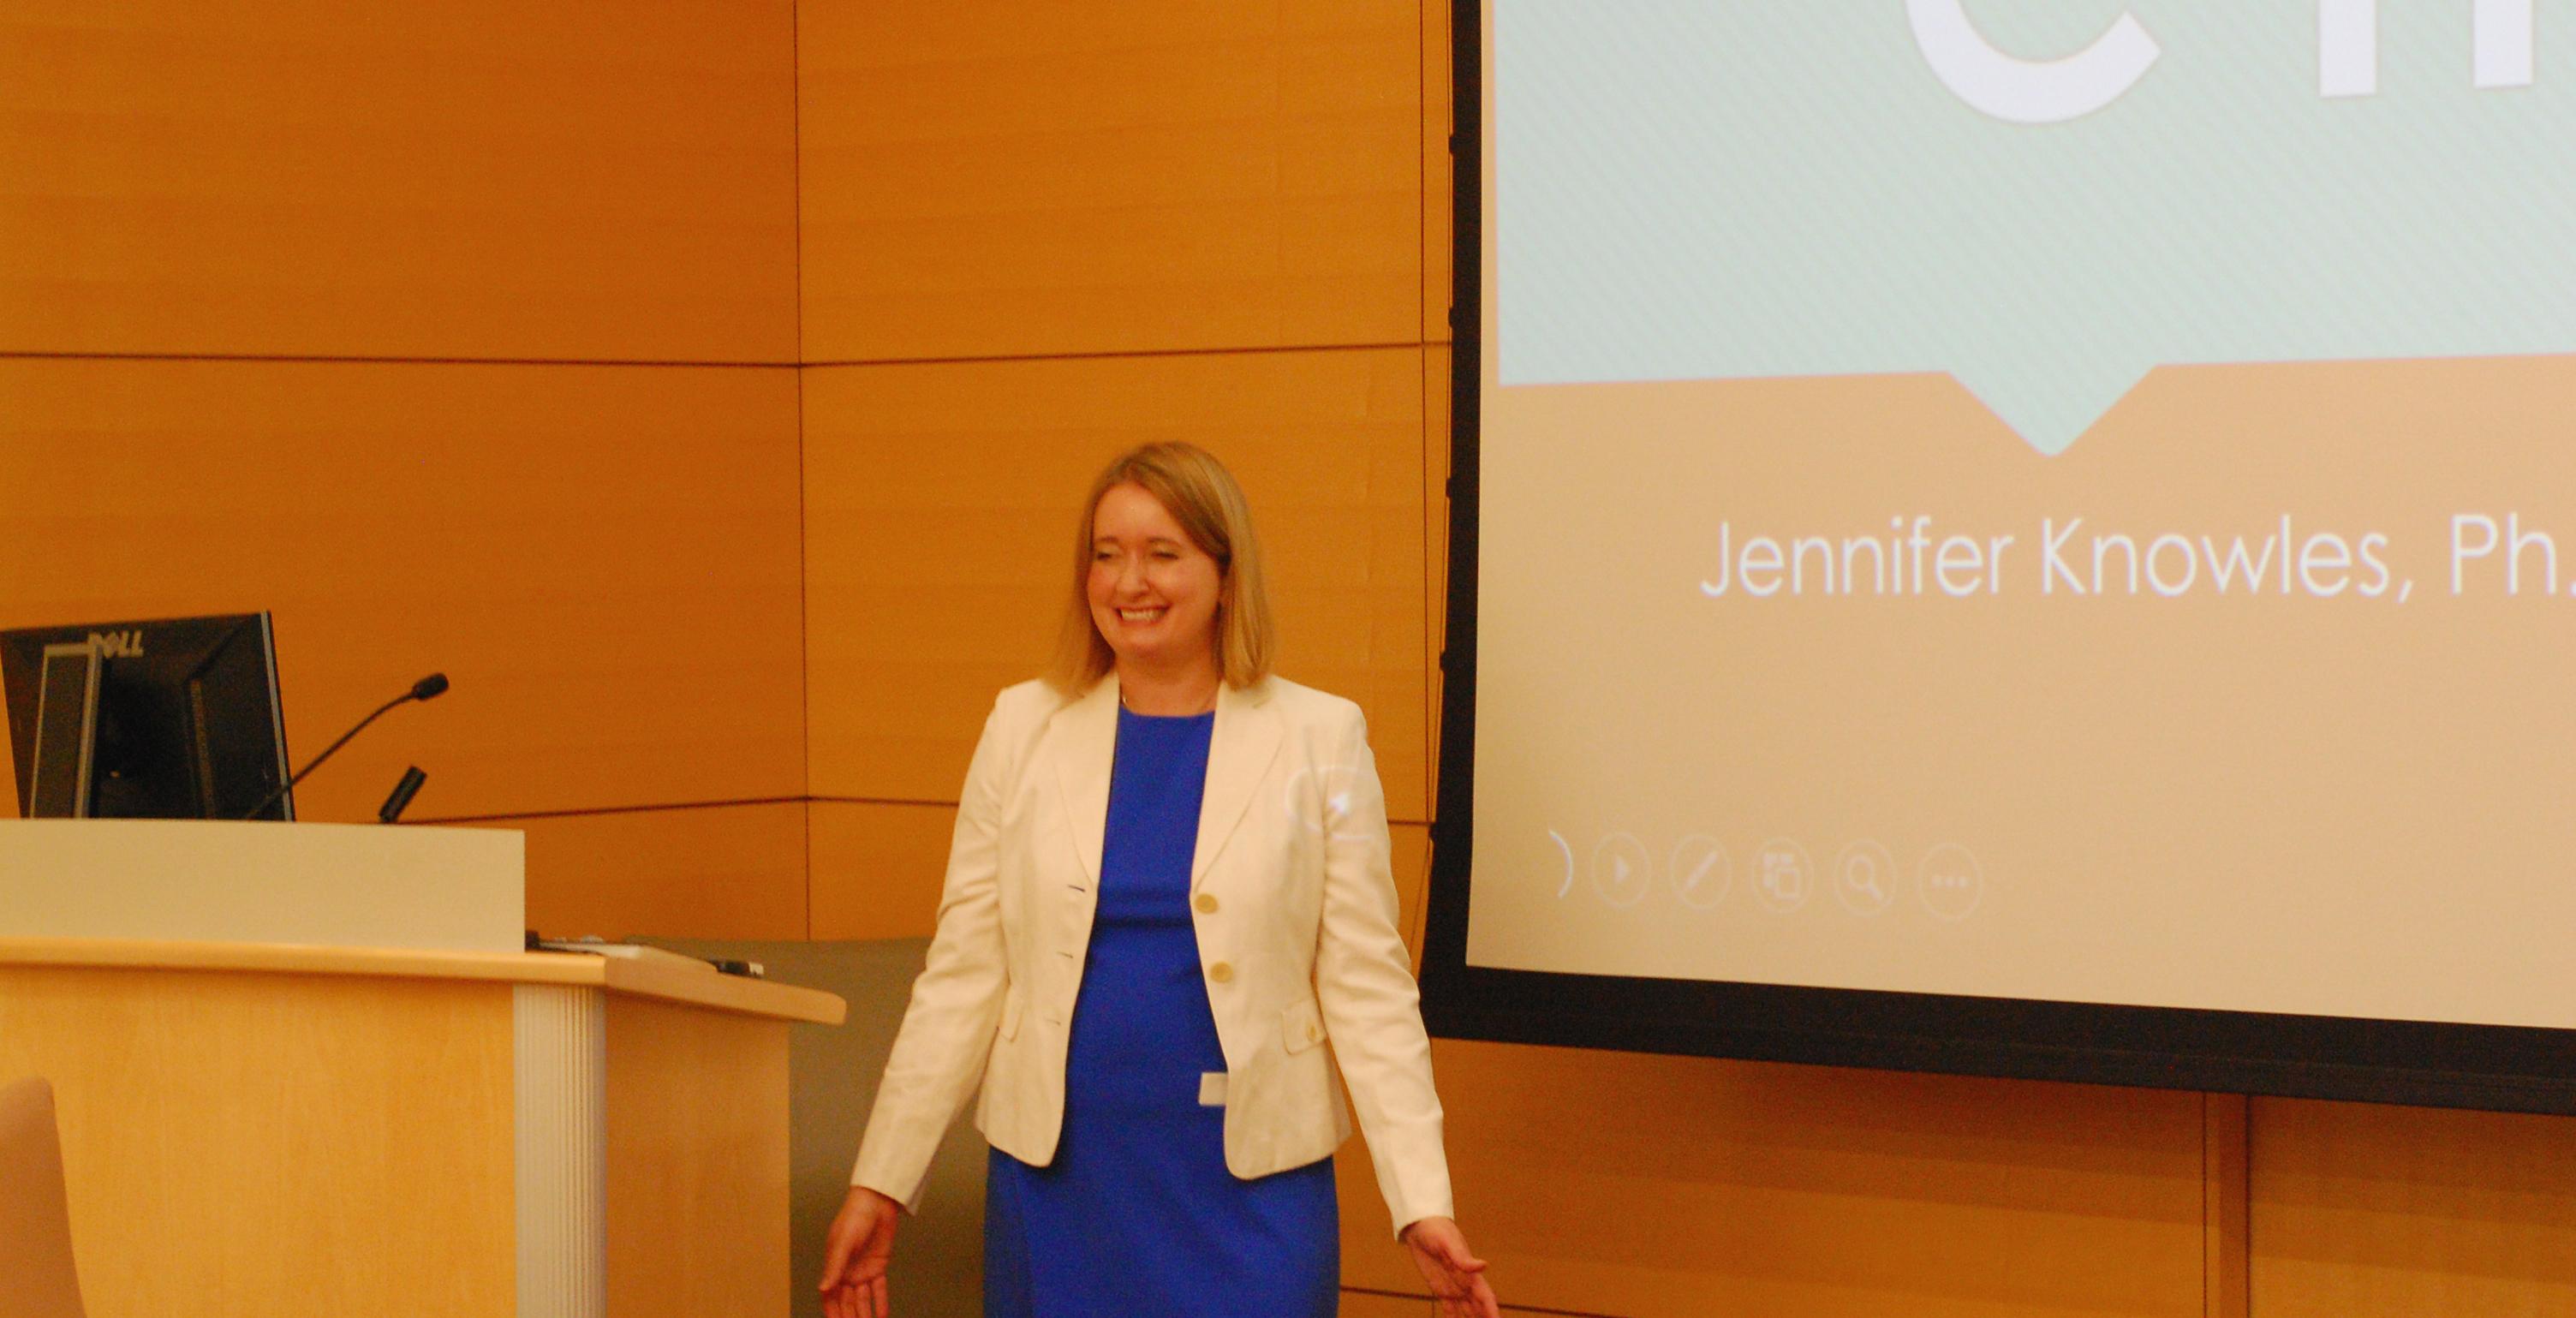 Jennifer Knowles Ph. D.